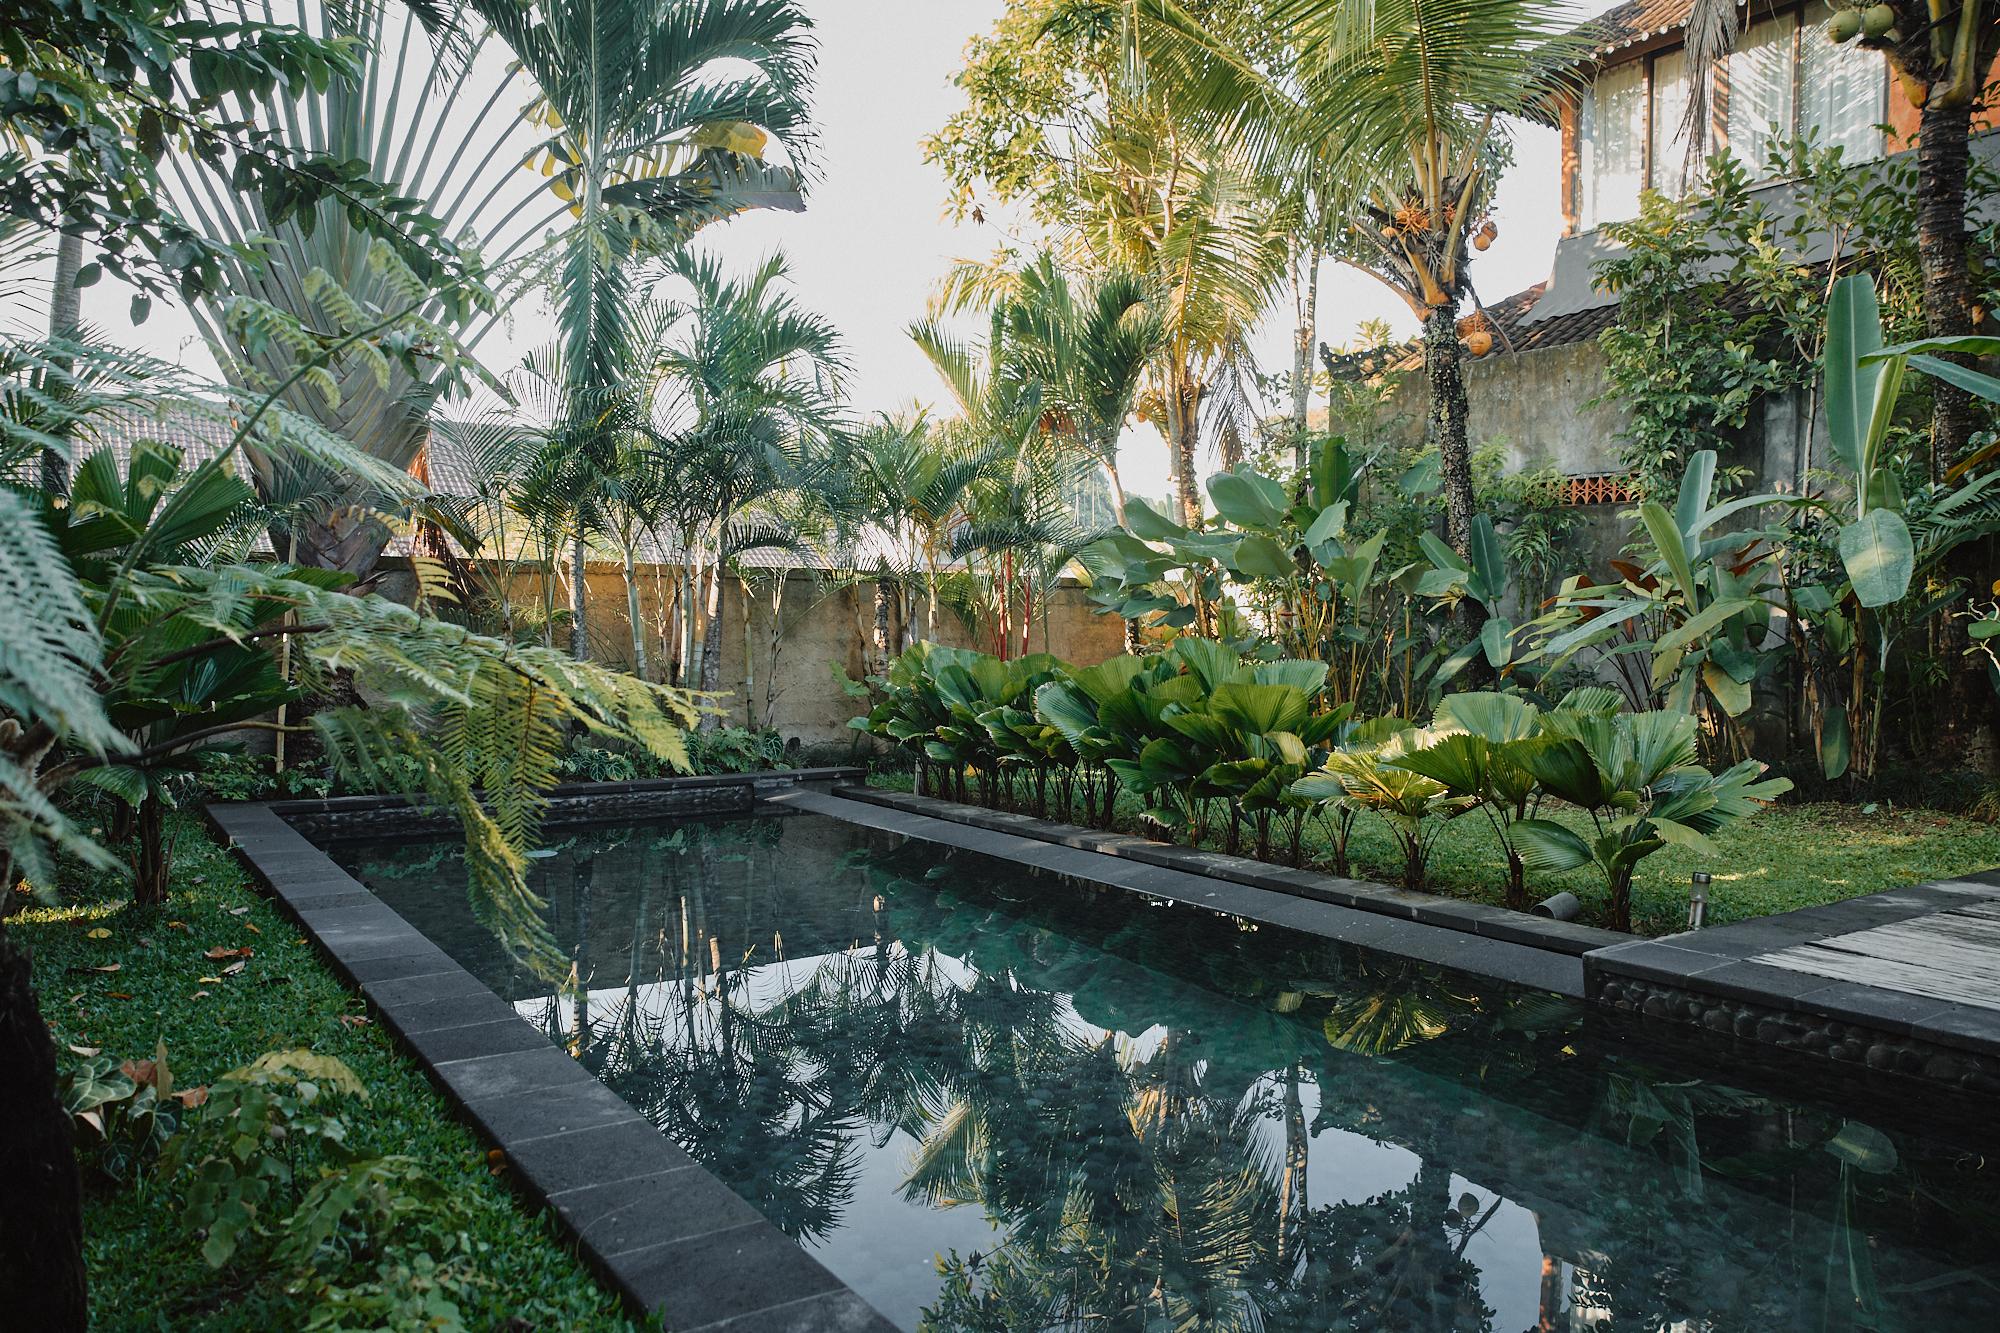 宿のエリア内には、3つのプライベートビラと1つのシャアホテルがあってプールは共用。ヤシの実が落ちていたのでそれをビーチボールがわりに。痛いわ。